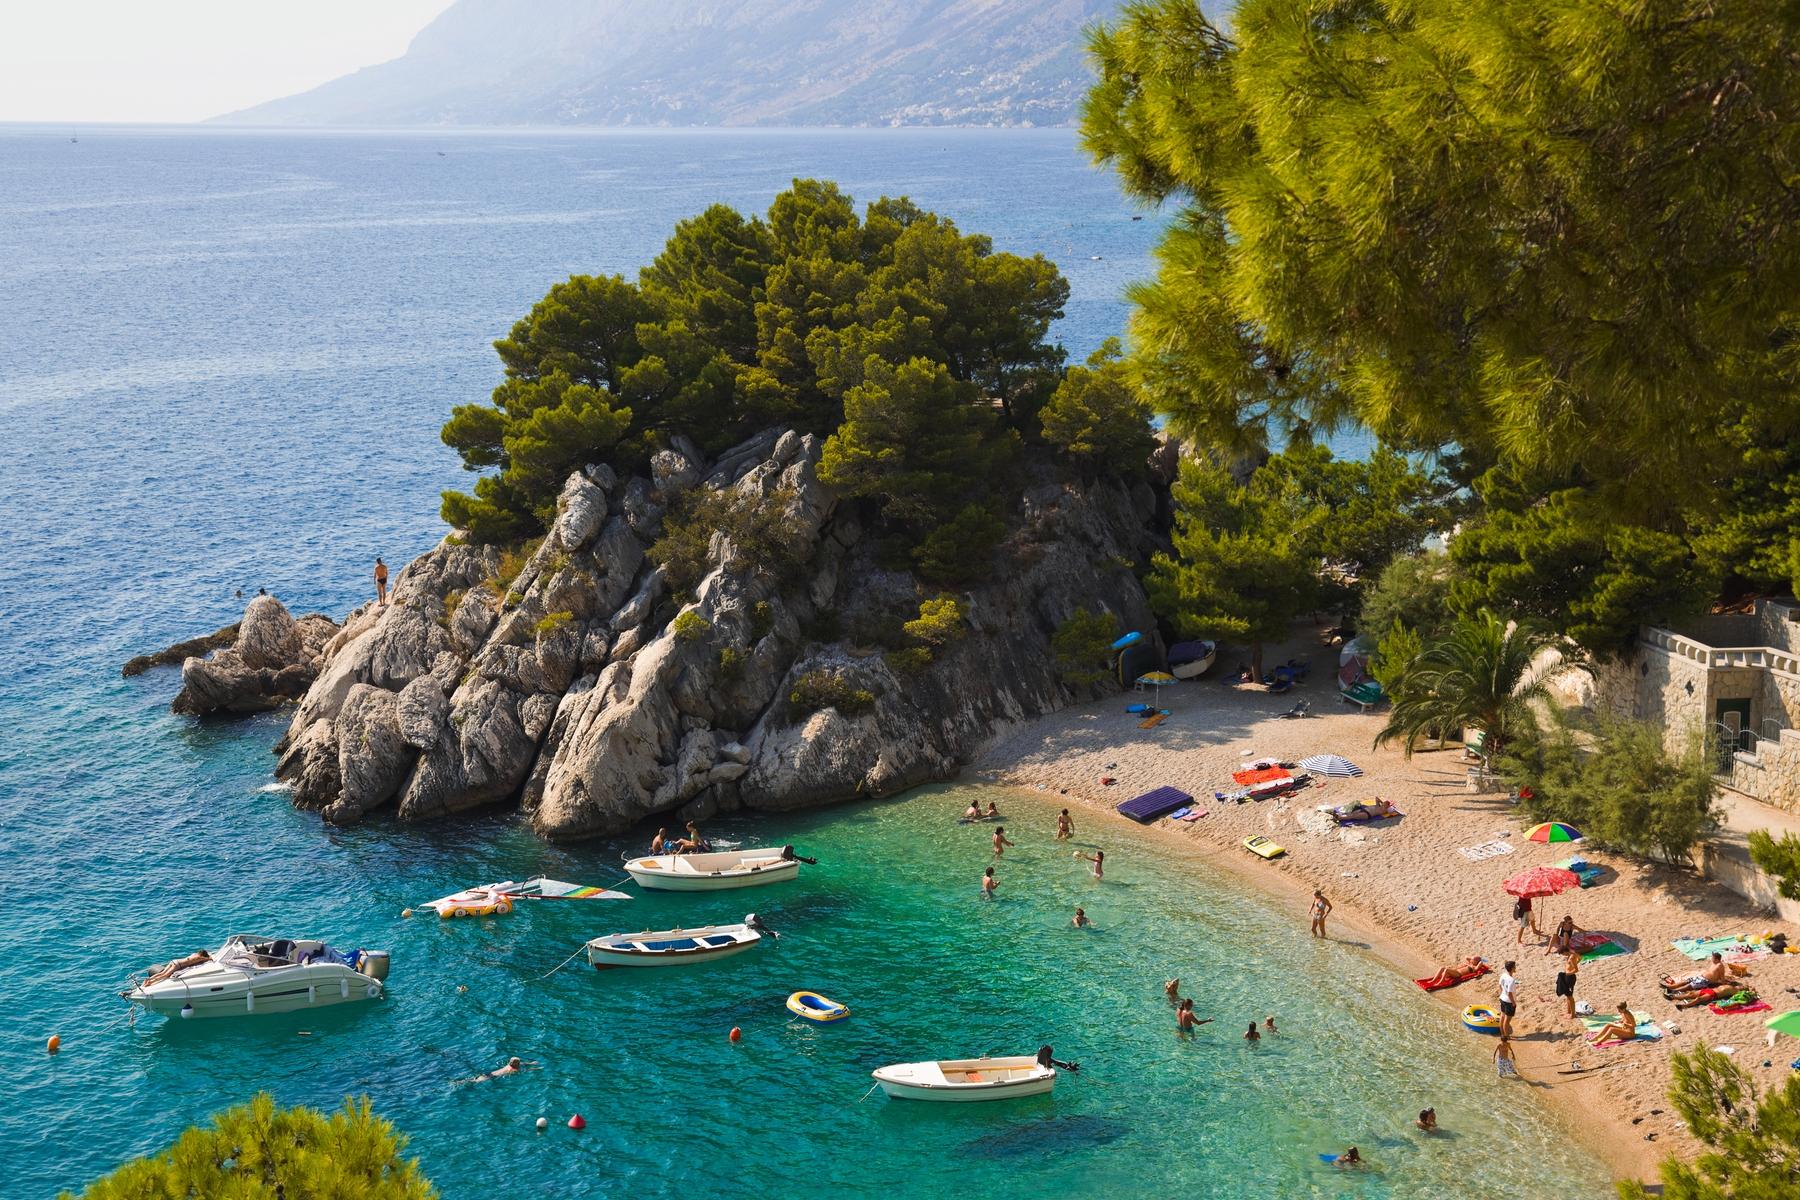 Najlepsze miejsca do nurkowania w Europie